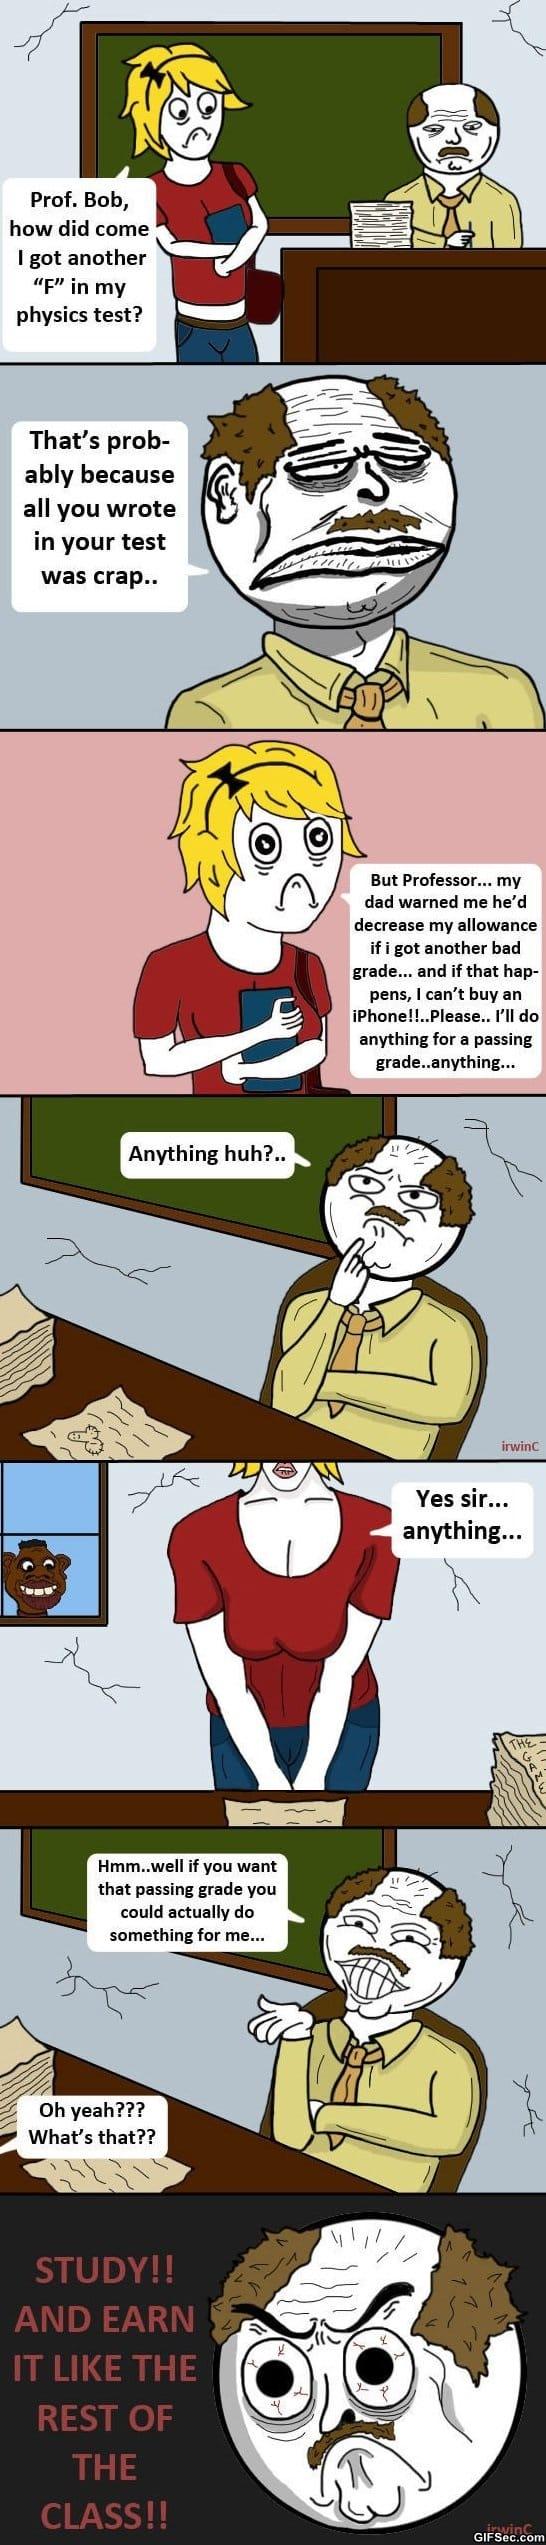 Comics - Passing Grades